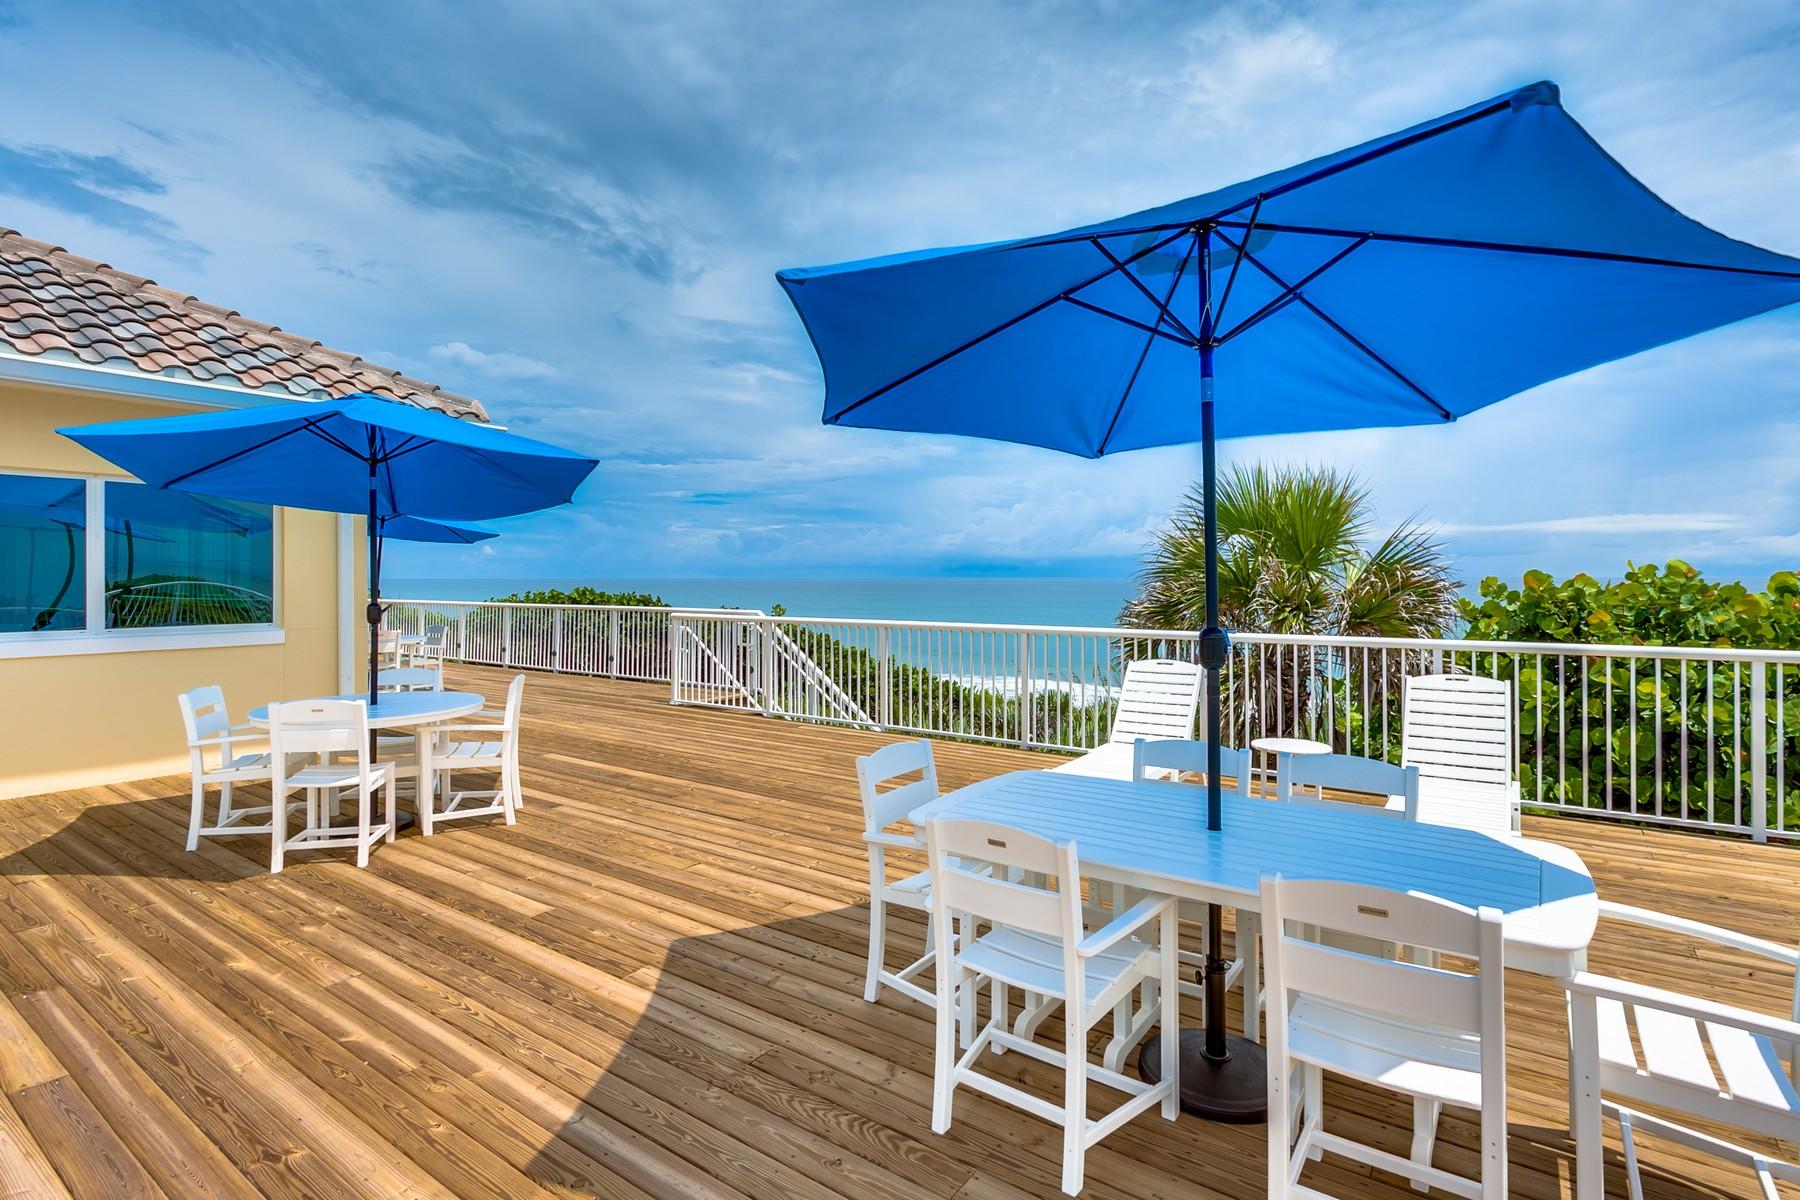 Additional photo for property listing at Matanilla Reef at Aquarina 7462 Matanilla Reef Way Melbourne Beach, Florida 32951 United States